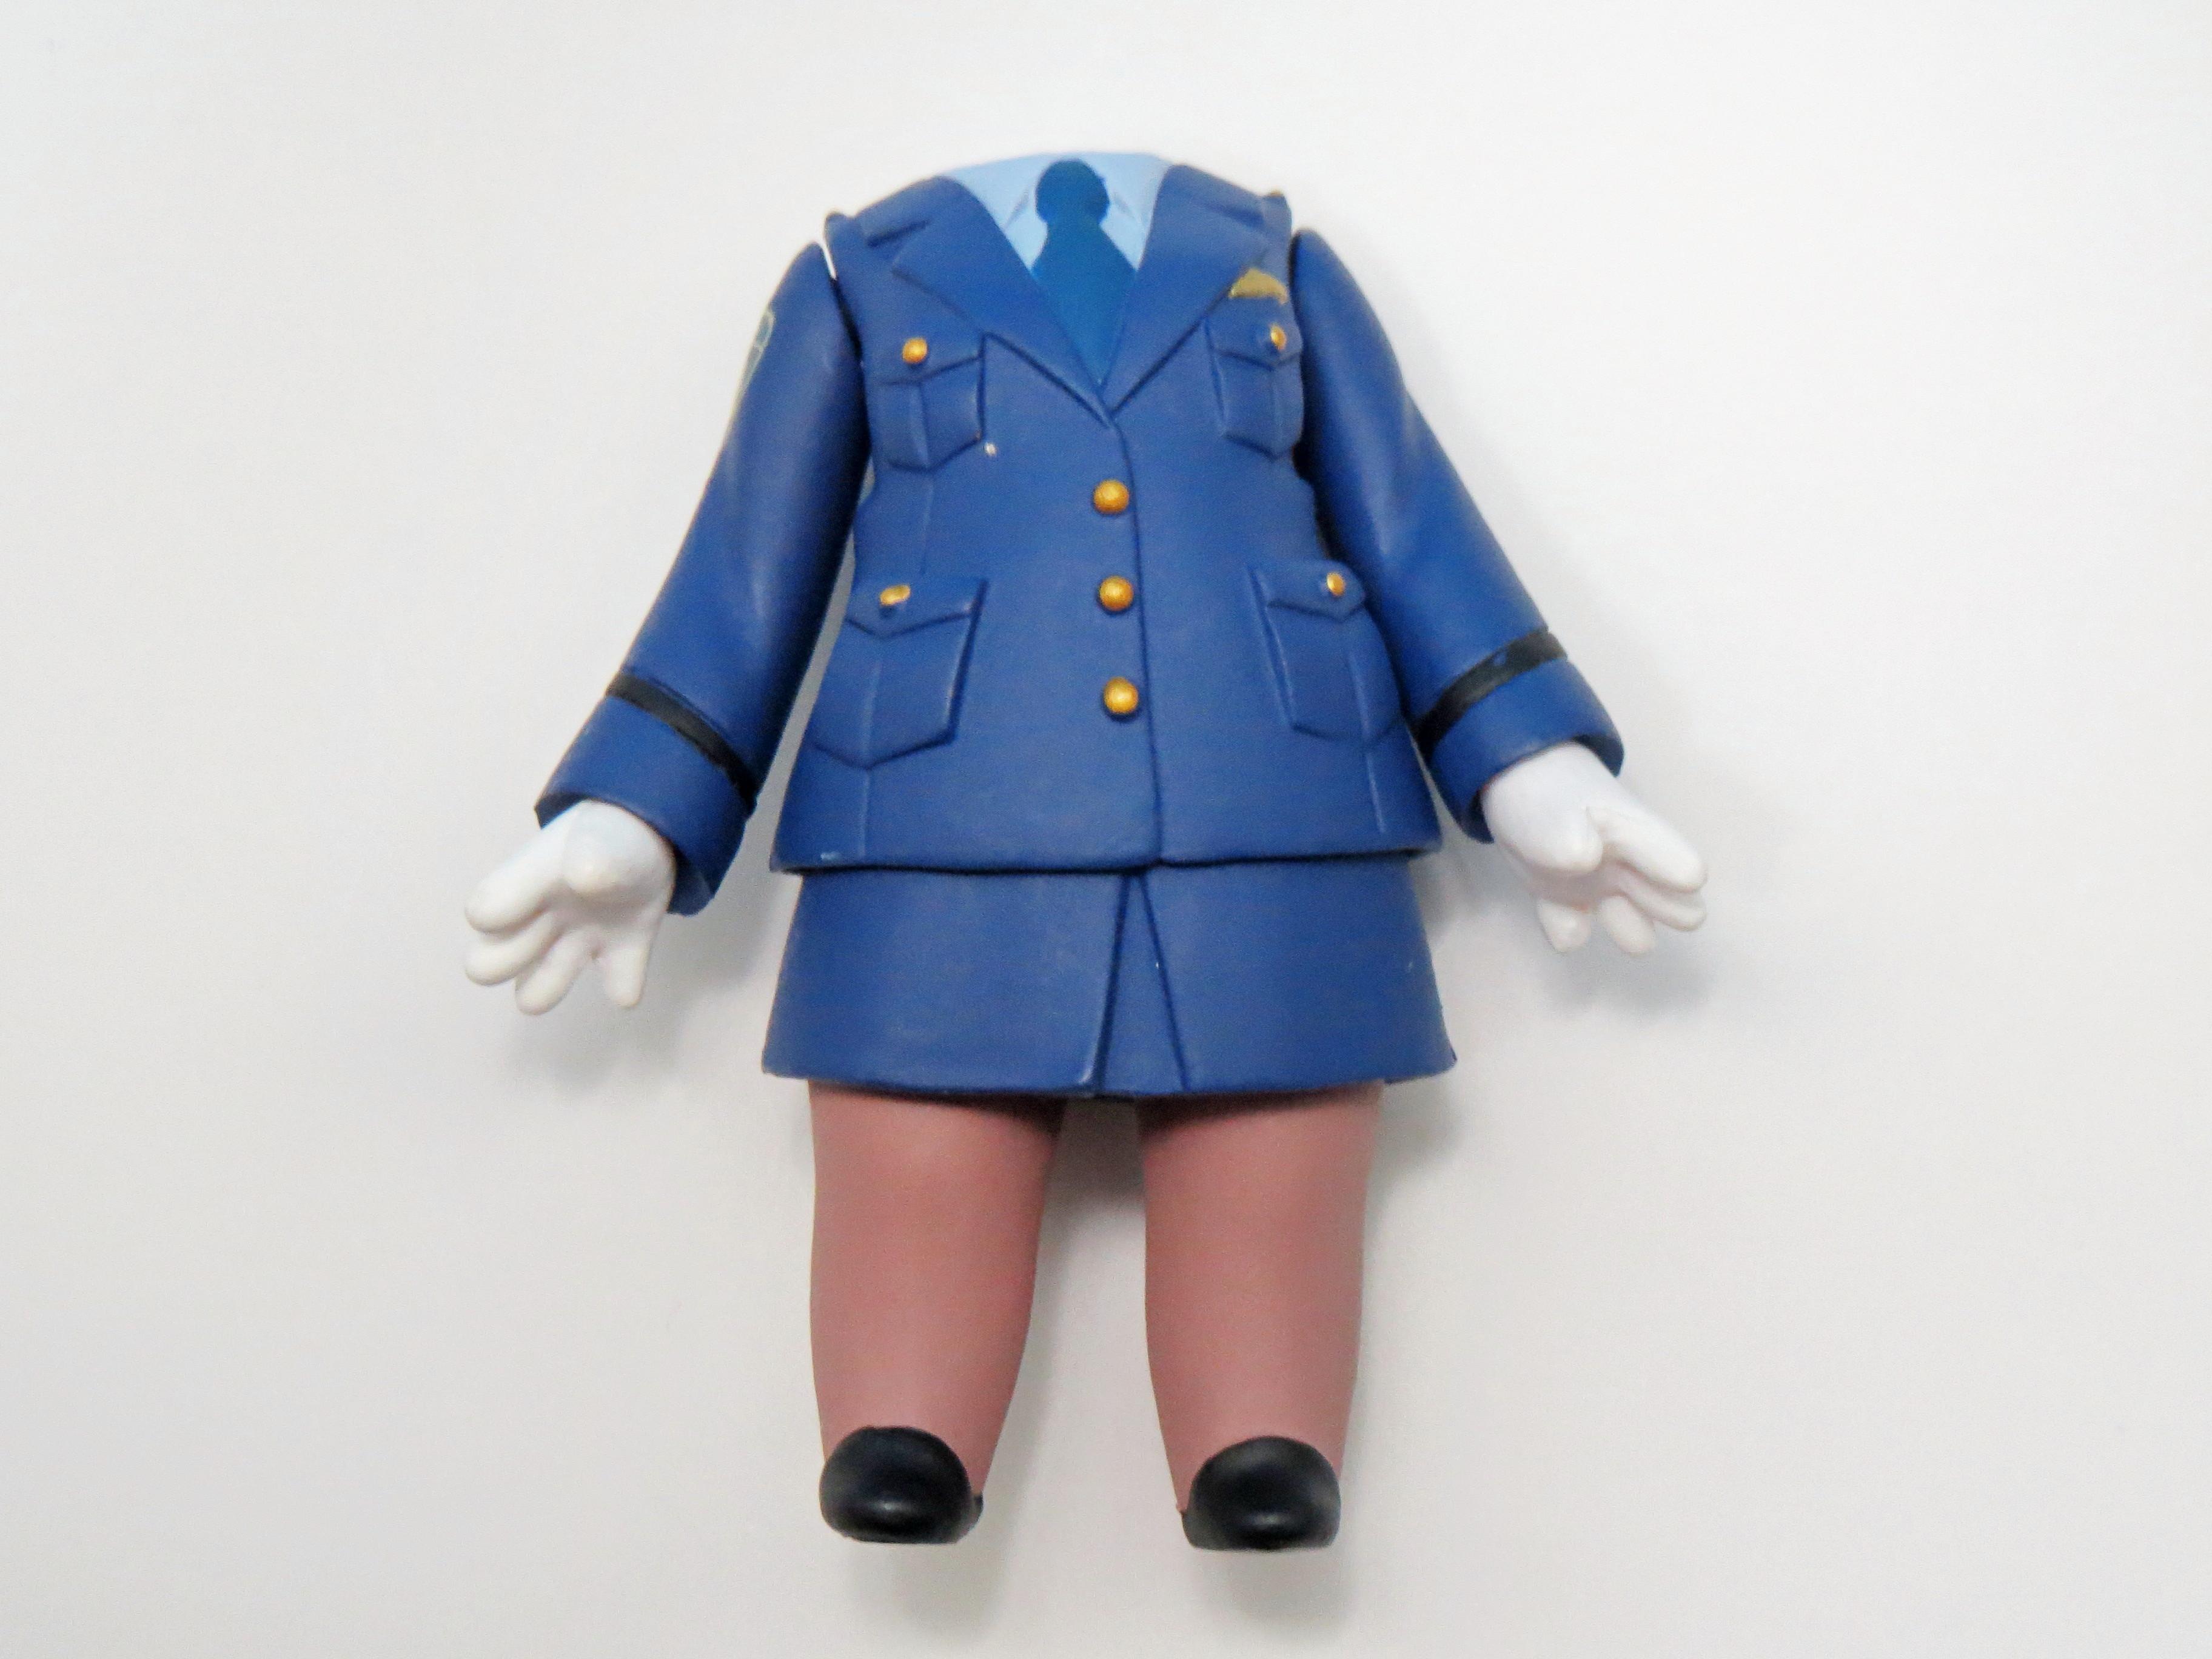 再入荷【416】 門田さくら 体パーツ 婦人警官の制服 ねんどろいど